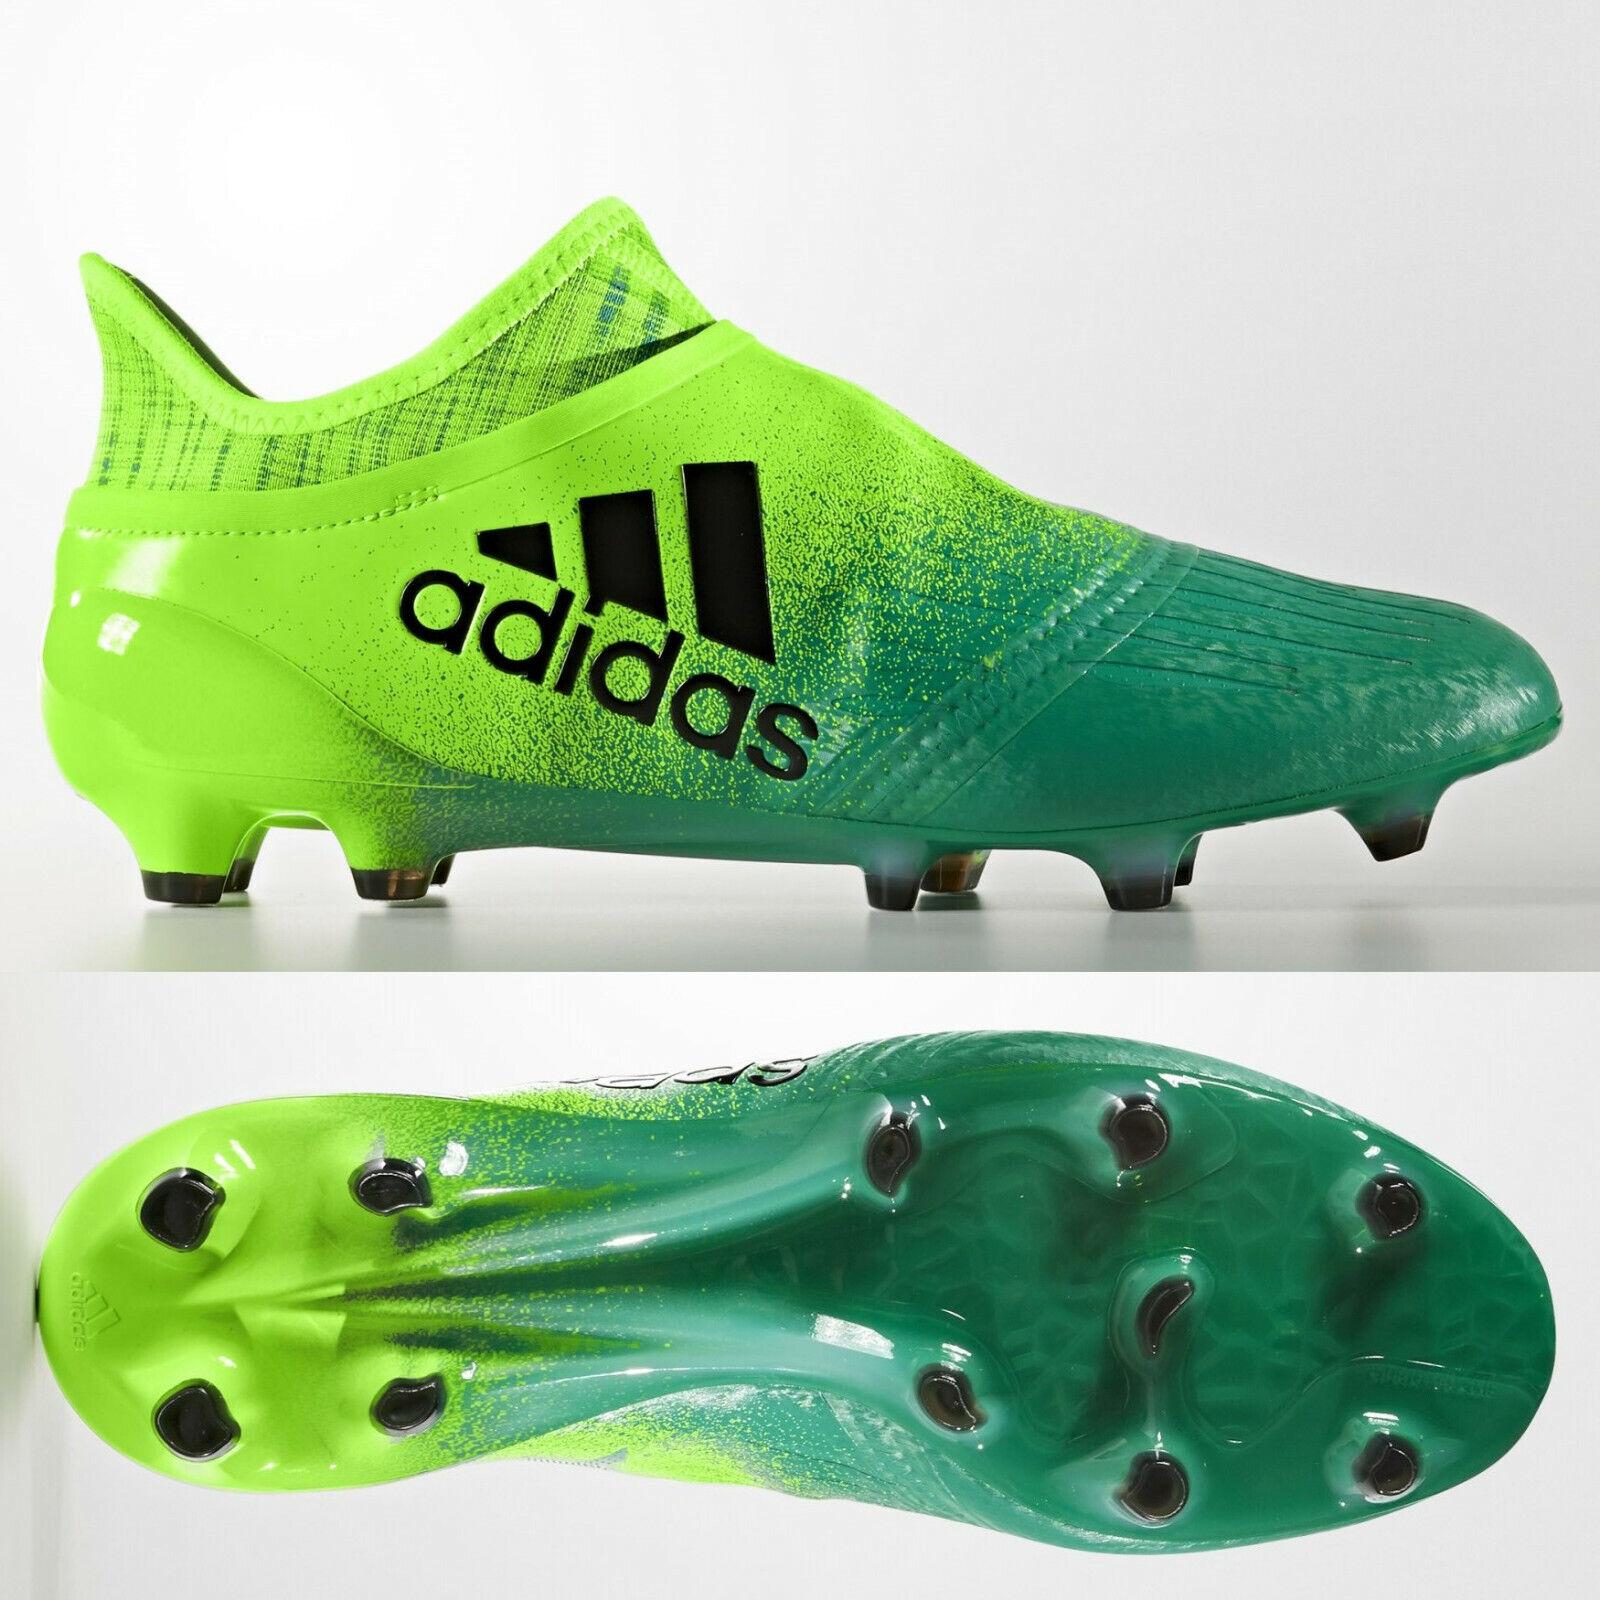 Adidas X 16+ purechaos FG botas de fútbol para hombre verde tierra firme BB1075 Talla 9